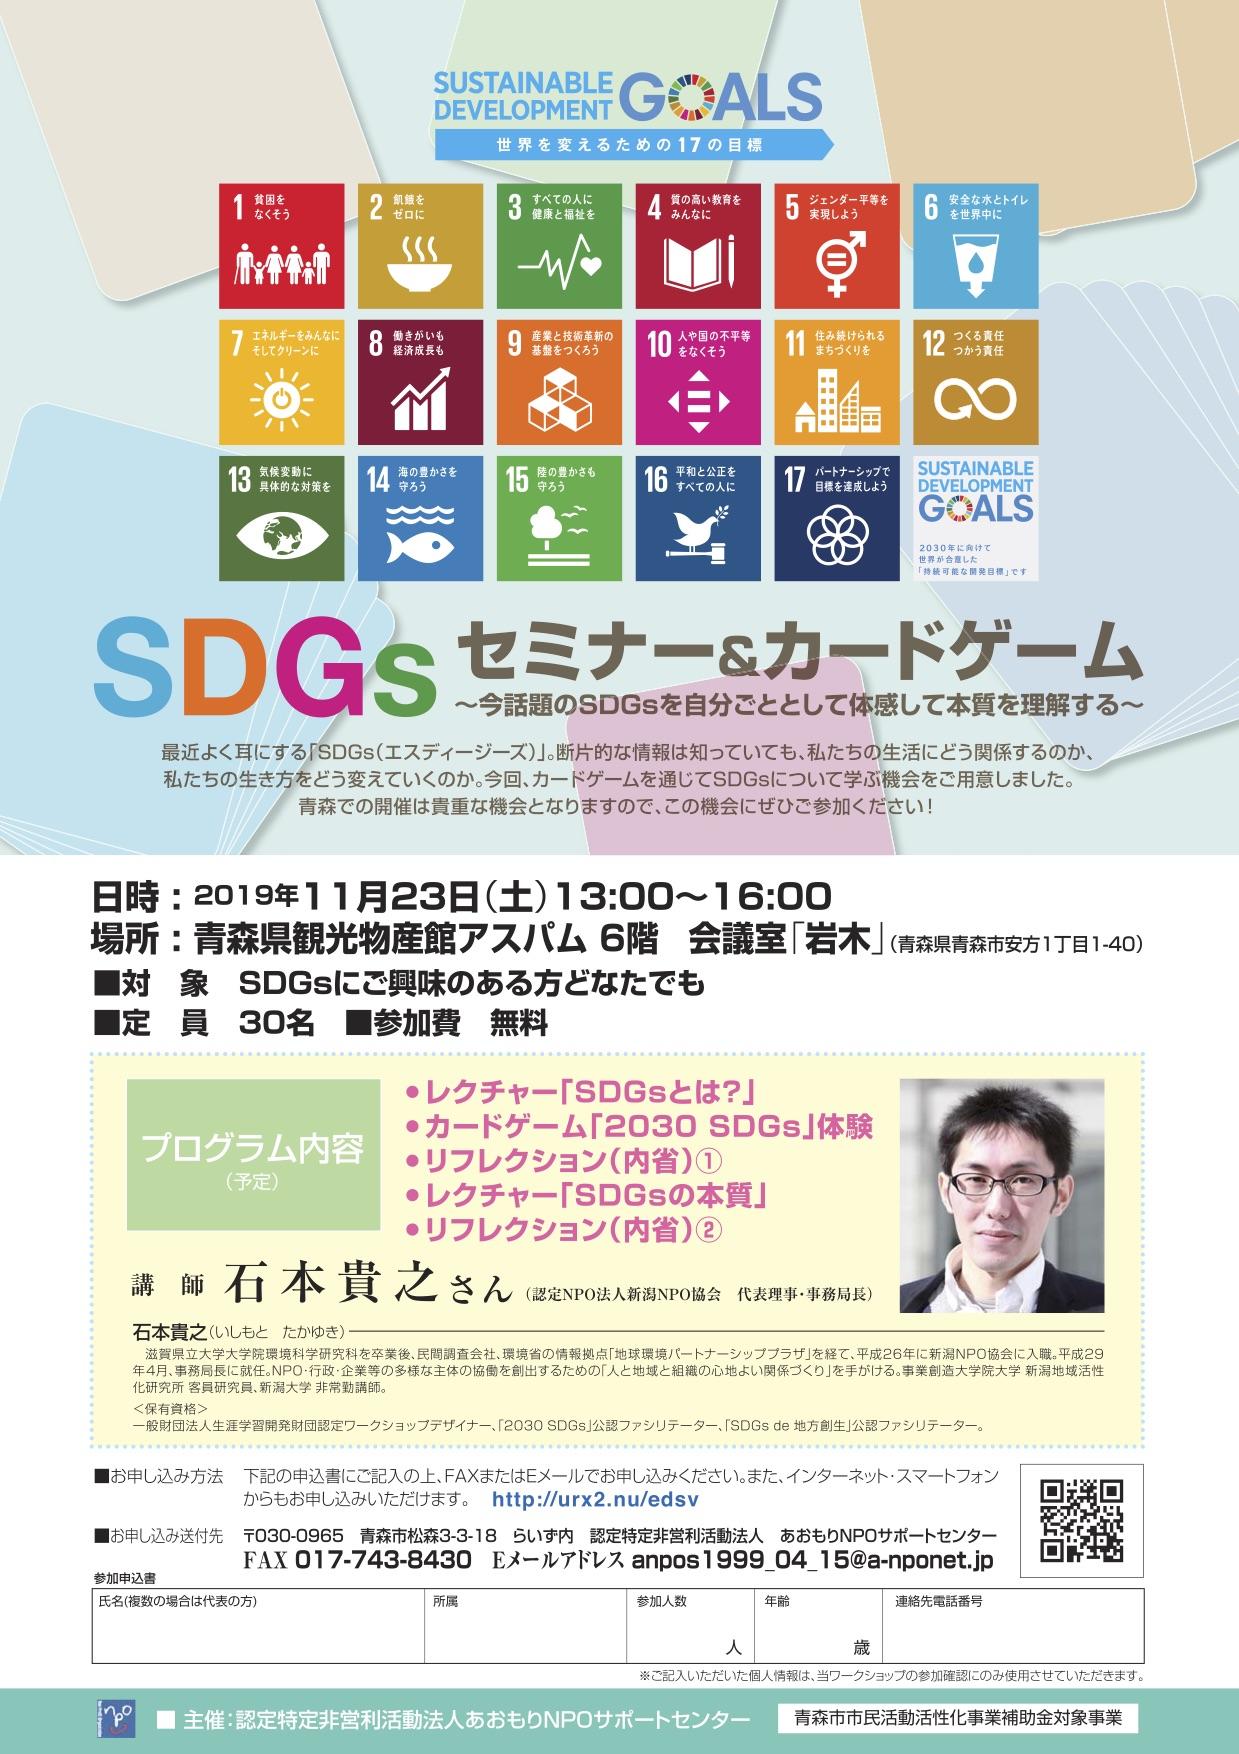 SDGsセミナー&カードゲーム11月23日(土)開催!